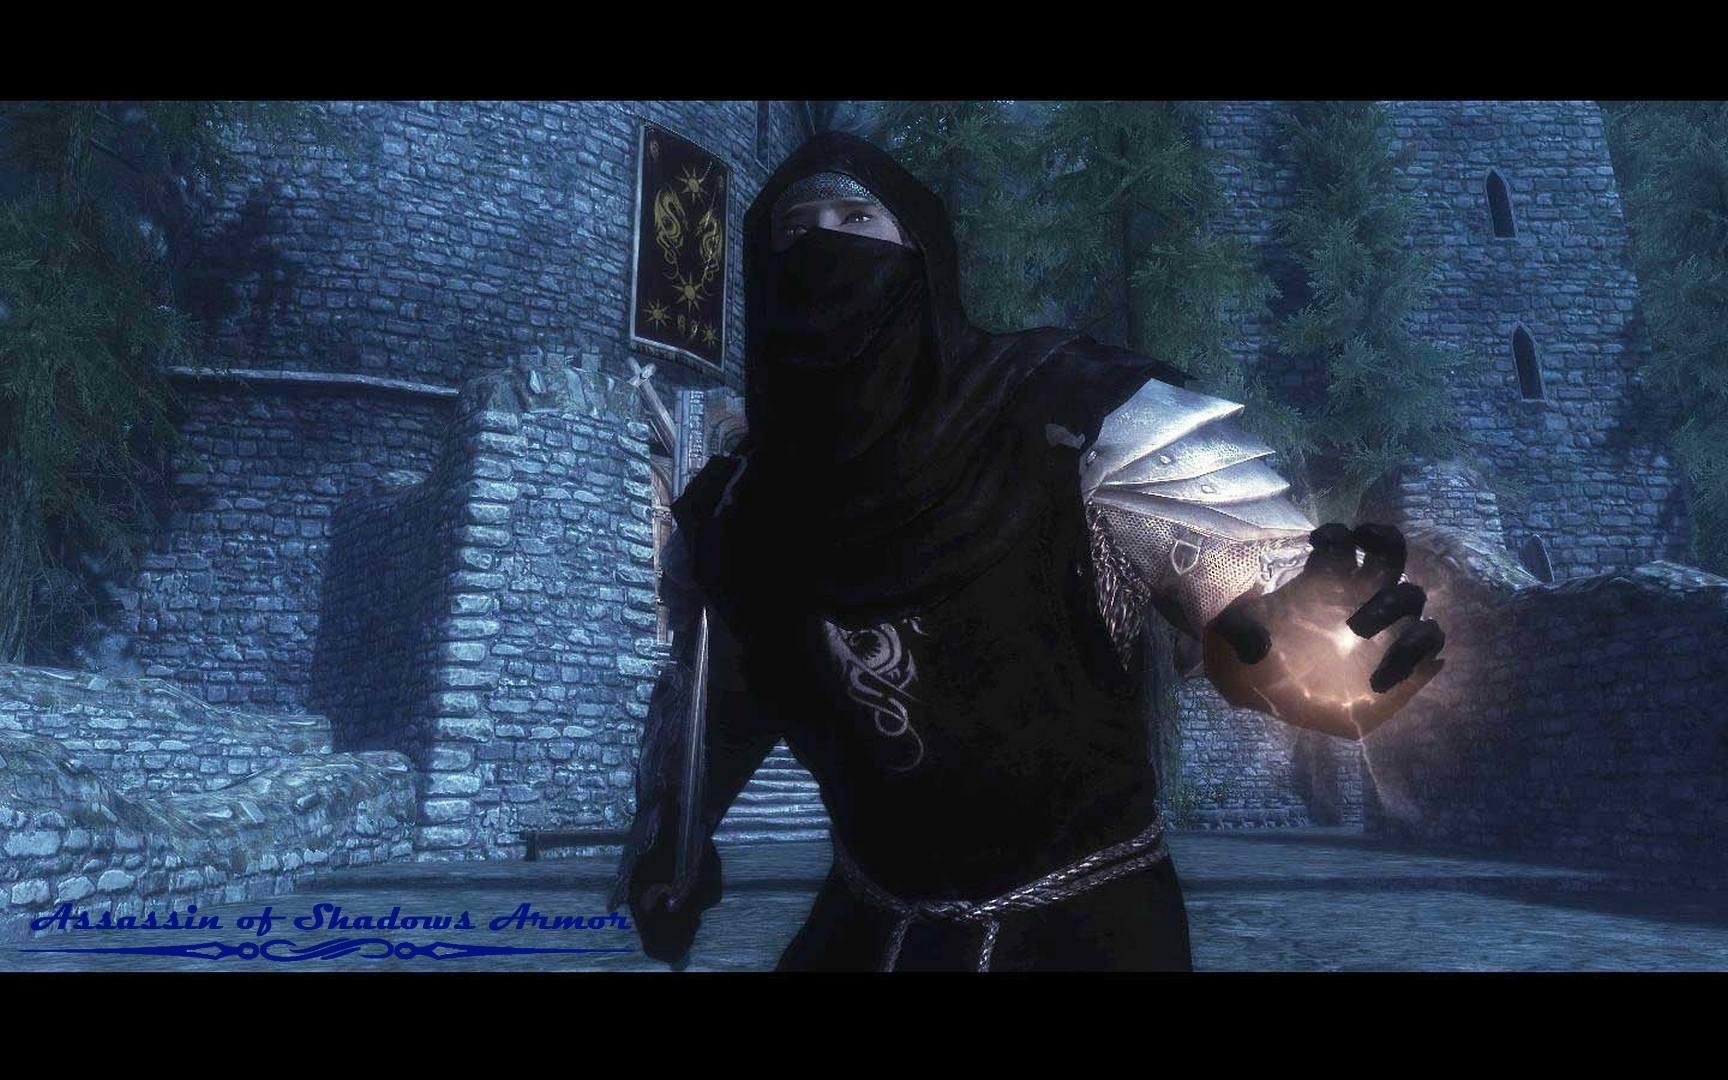 Assassin_of_Shadows_Armor.jpg